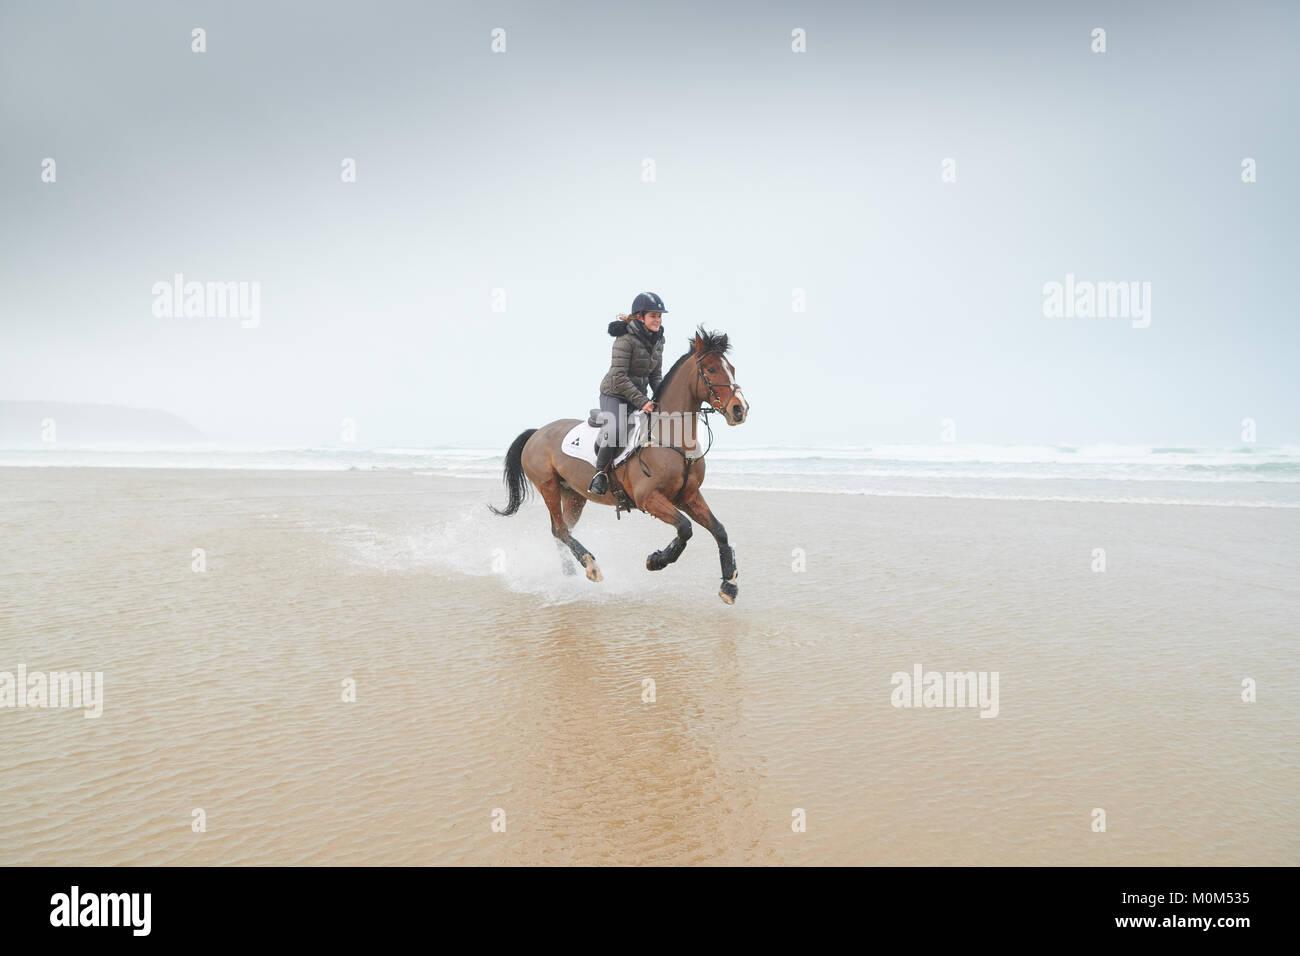 Pferd Reiter reiten von rechts nach links durch Ebbe, mit spürbaren Wasser hinter dem Pferd. Küste und Stockbild